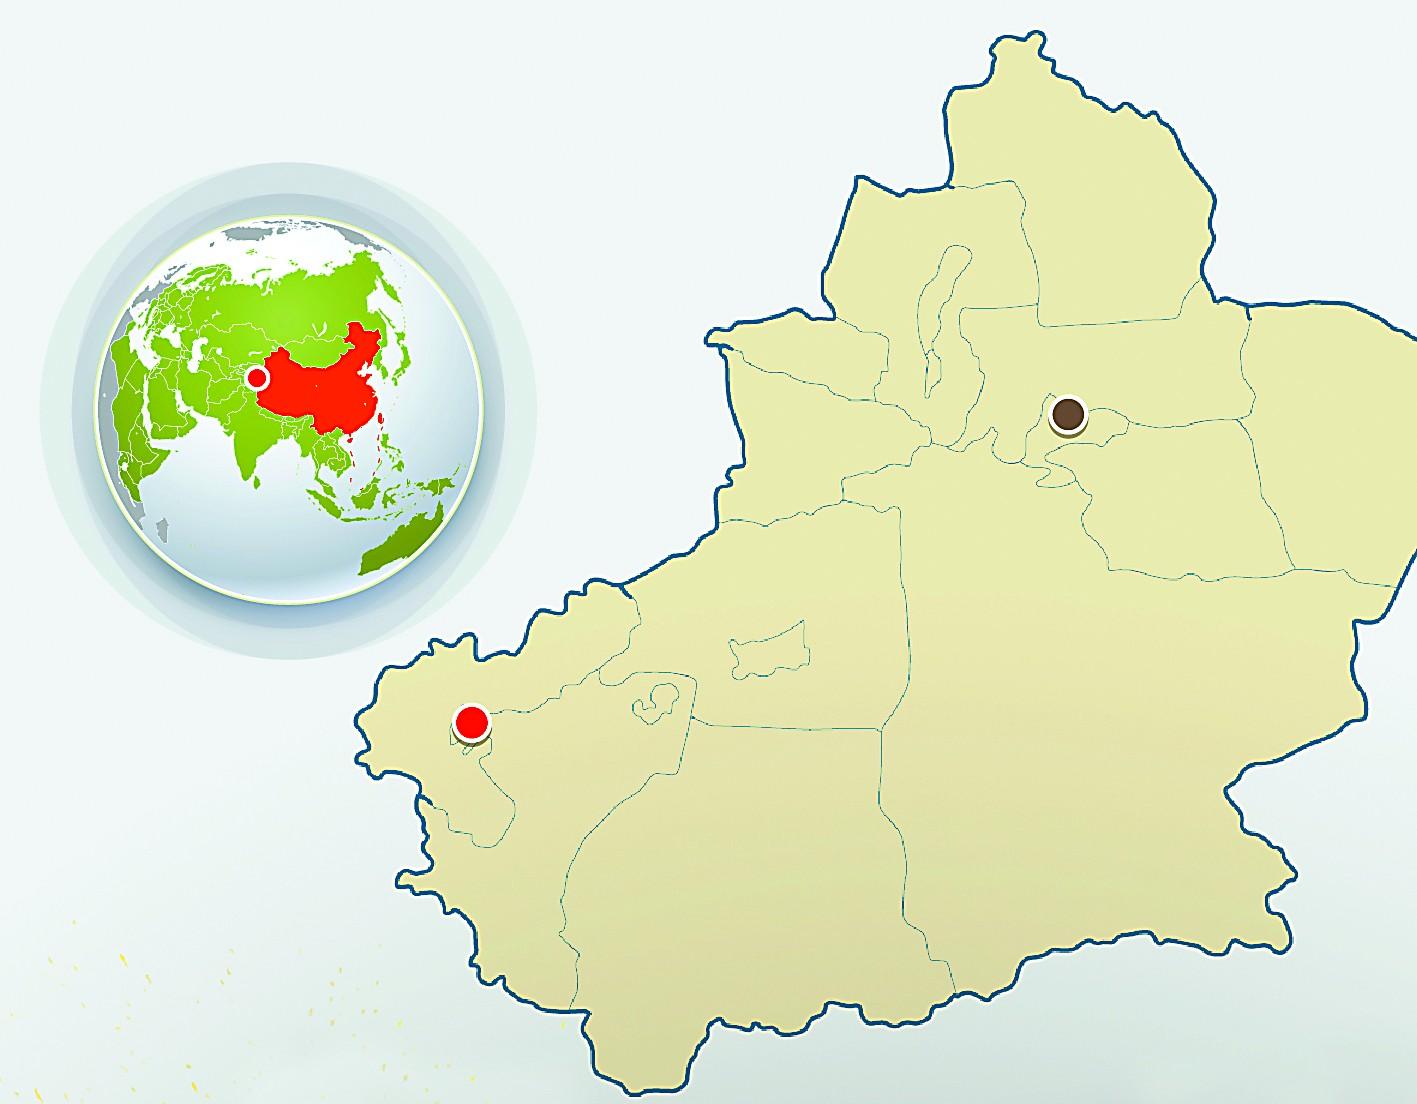 疏附县地理位置示意图